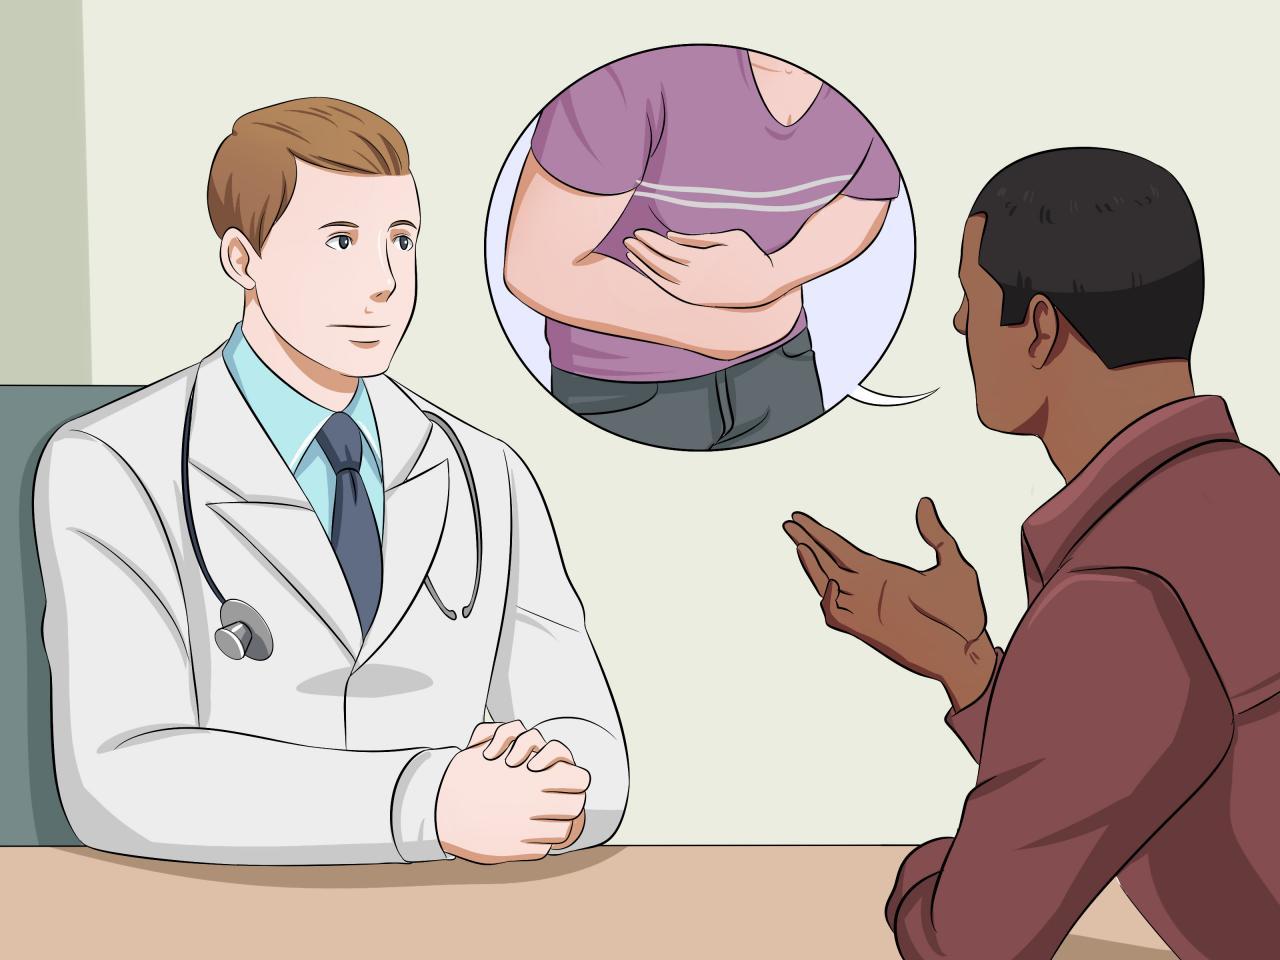 صورة علاج الامساك عند الكبار , وصفات طبيعيه لعلاج الامساك